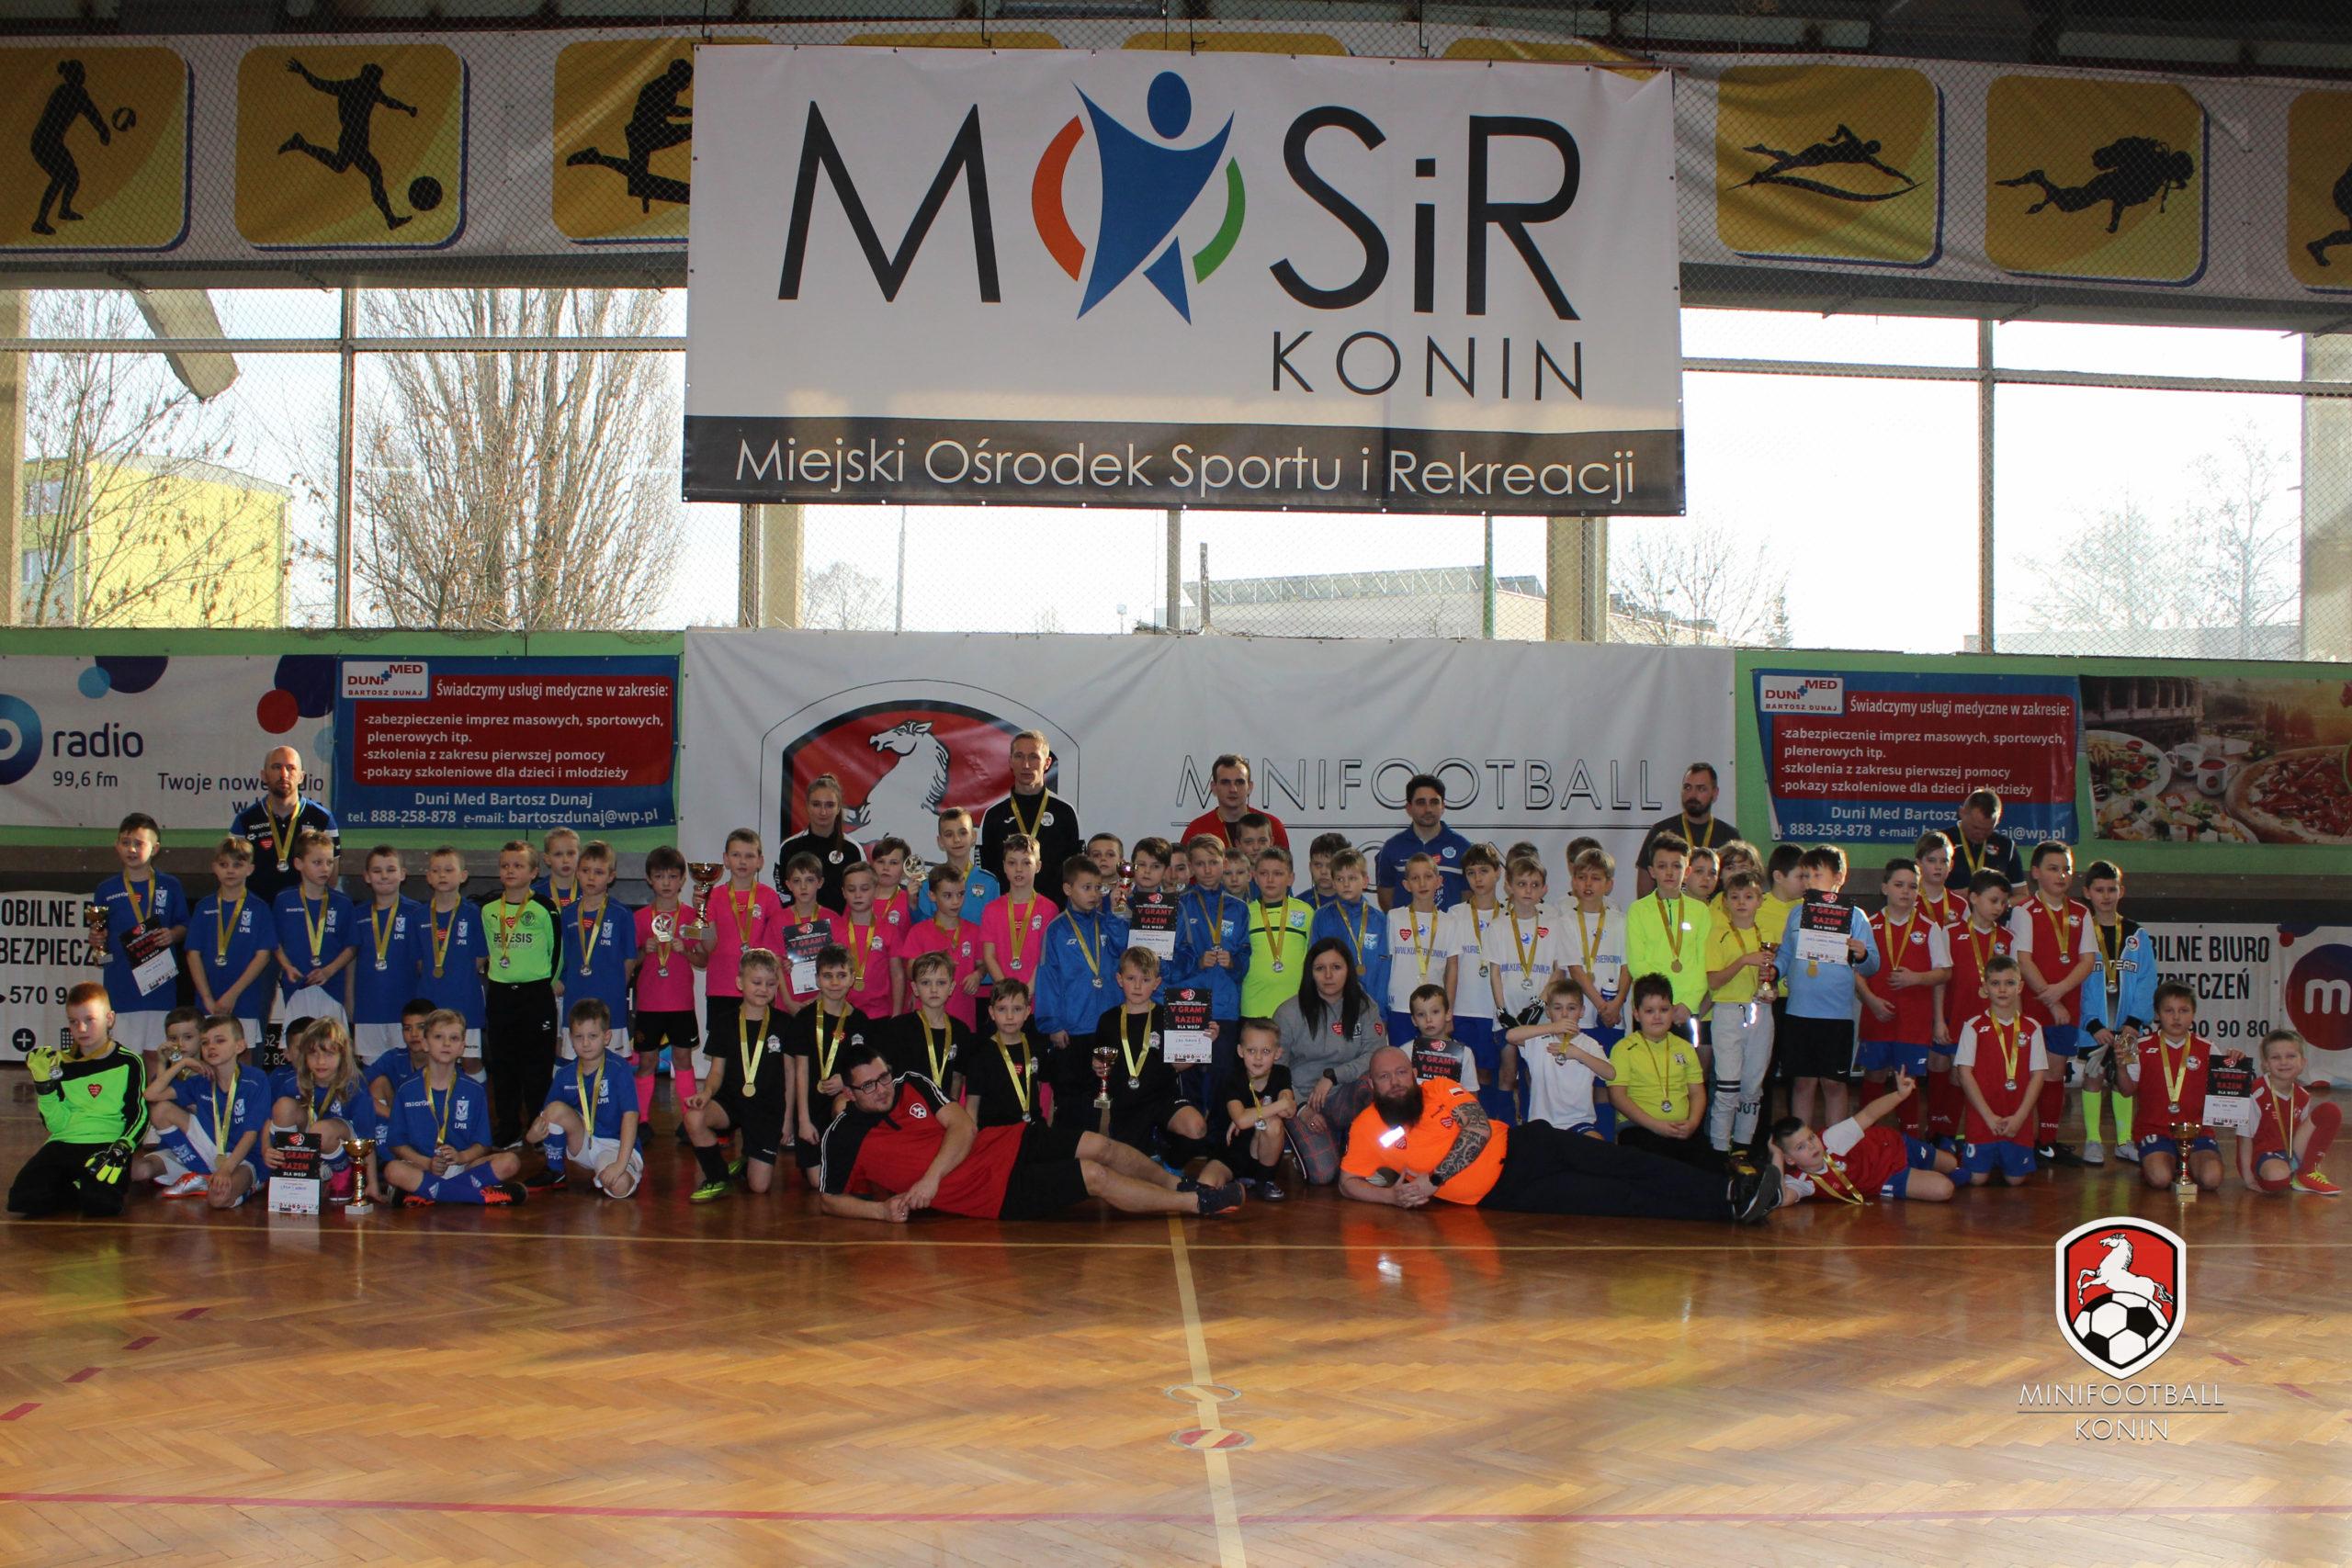 turniej 2011 wosp